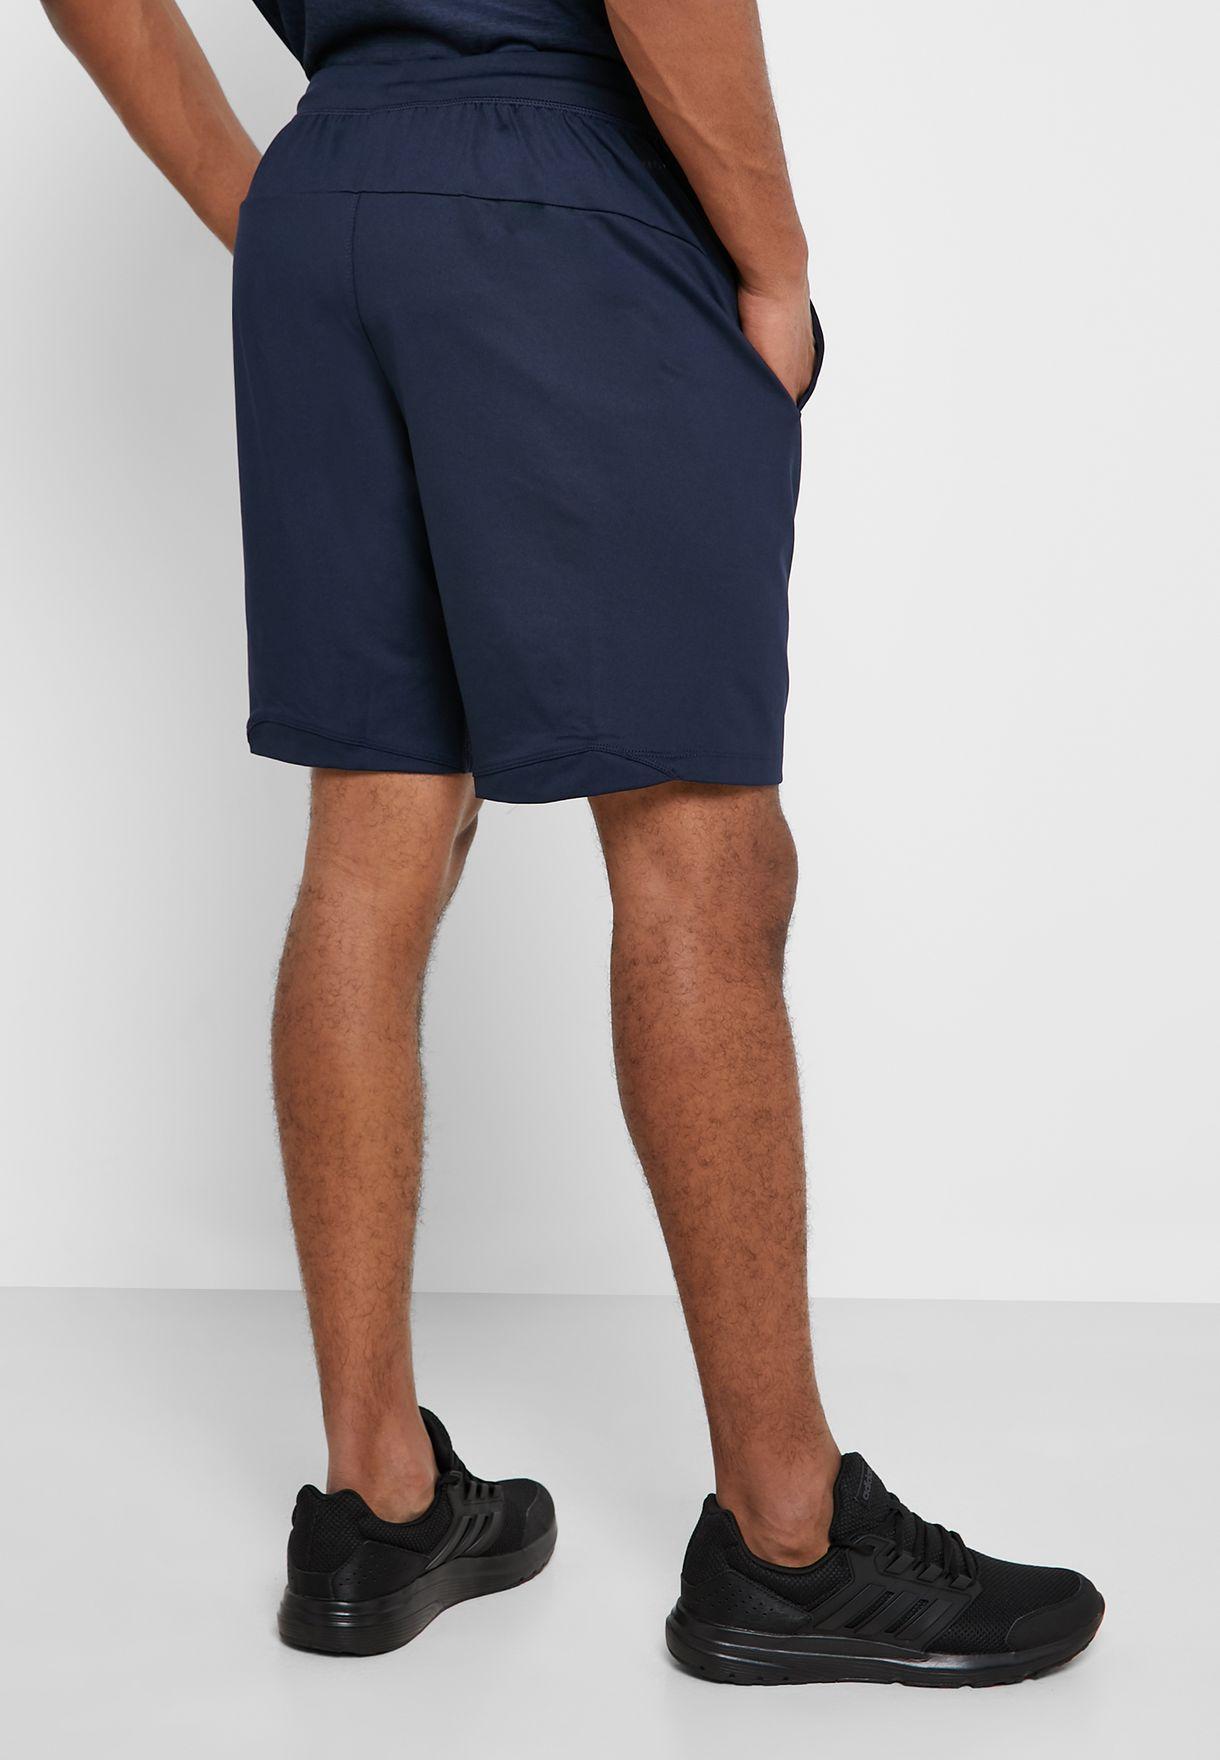 4KRFT Sport Shorts